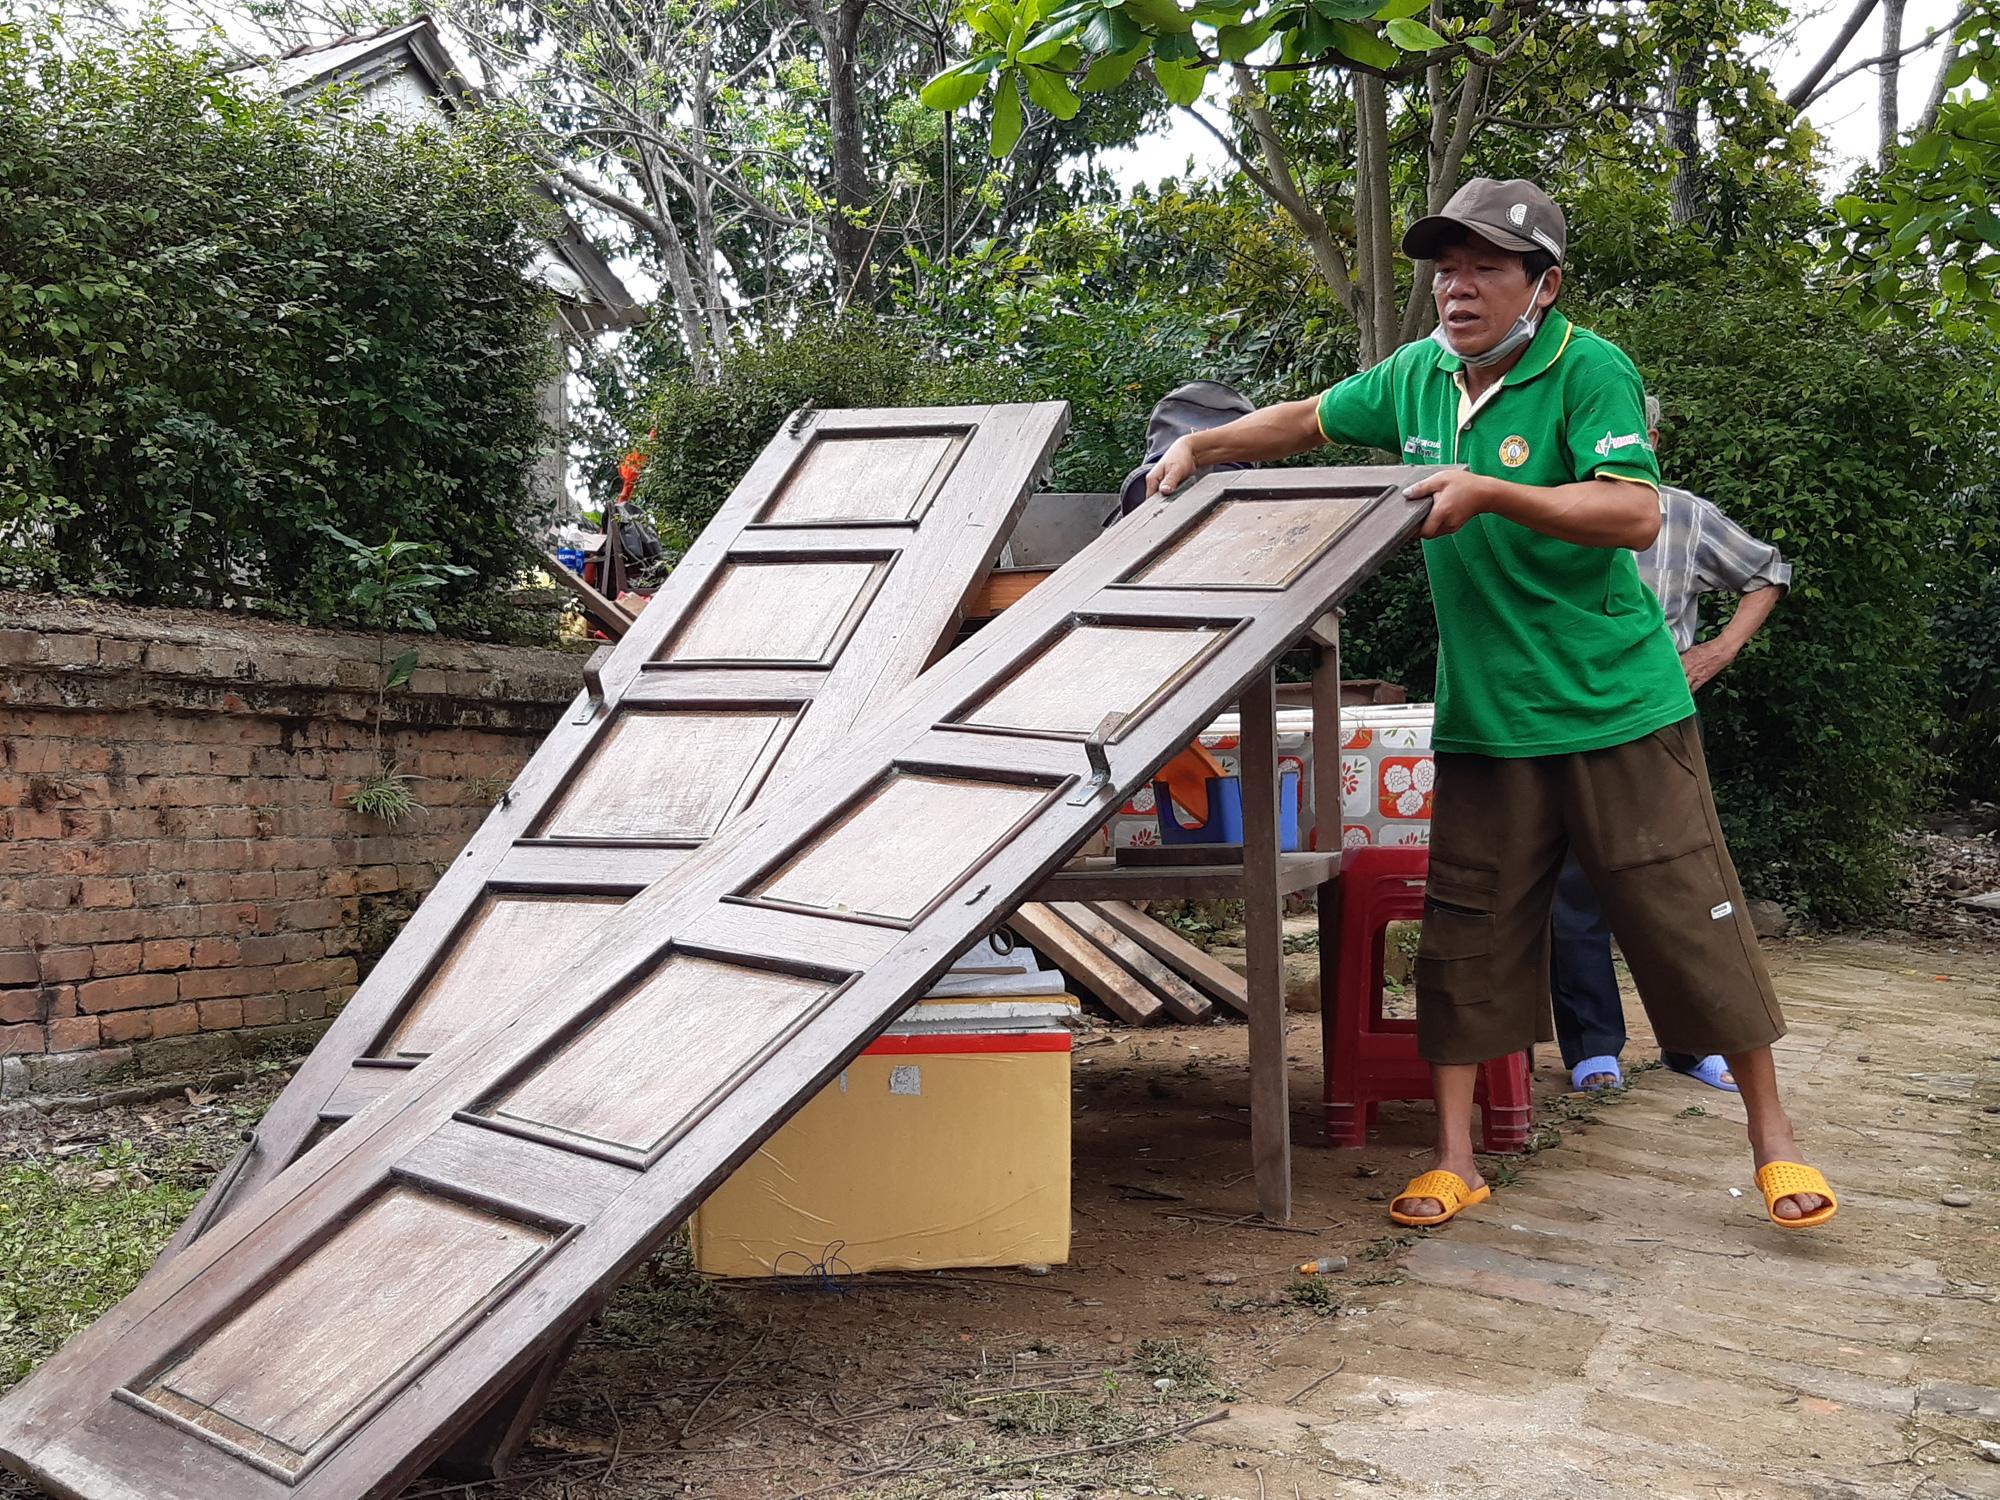 Thừa Thiên - Huế: Người dân Thượng thành tháo dỡ nhà cửa để chuẩn bị đến nơi ở mới - Ảnh 8.